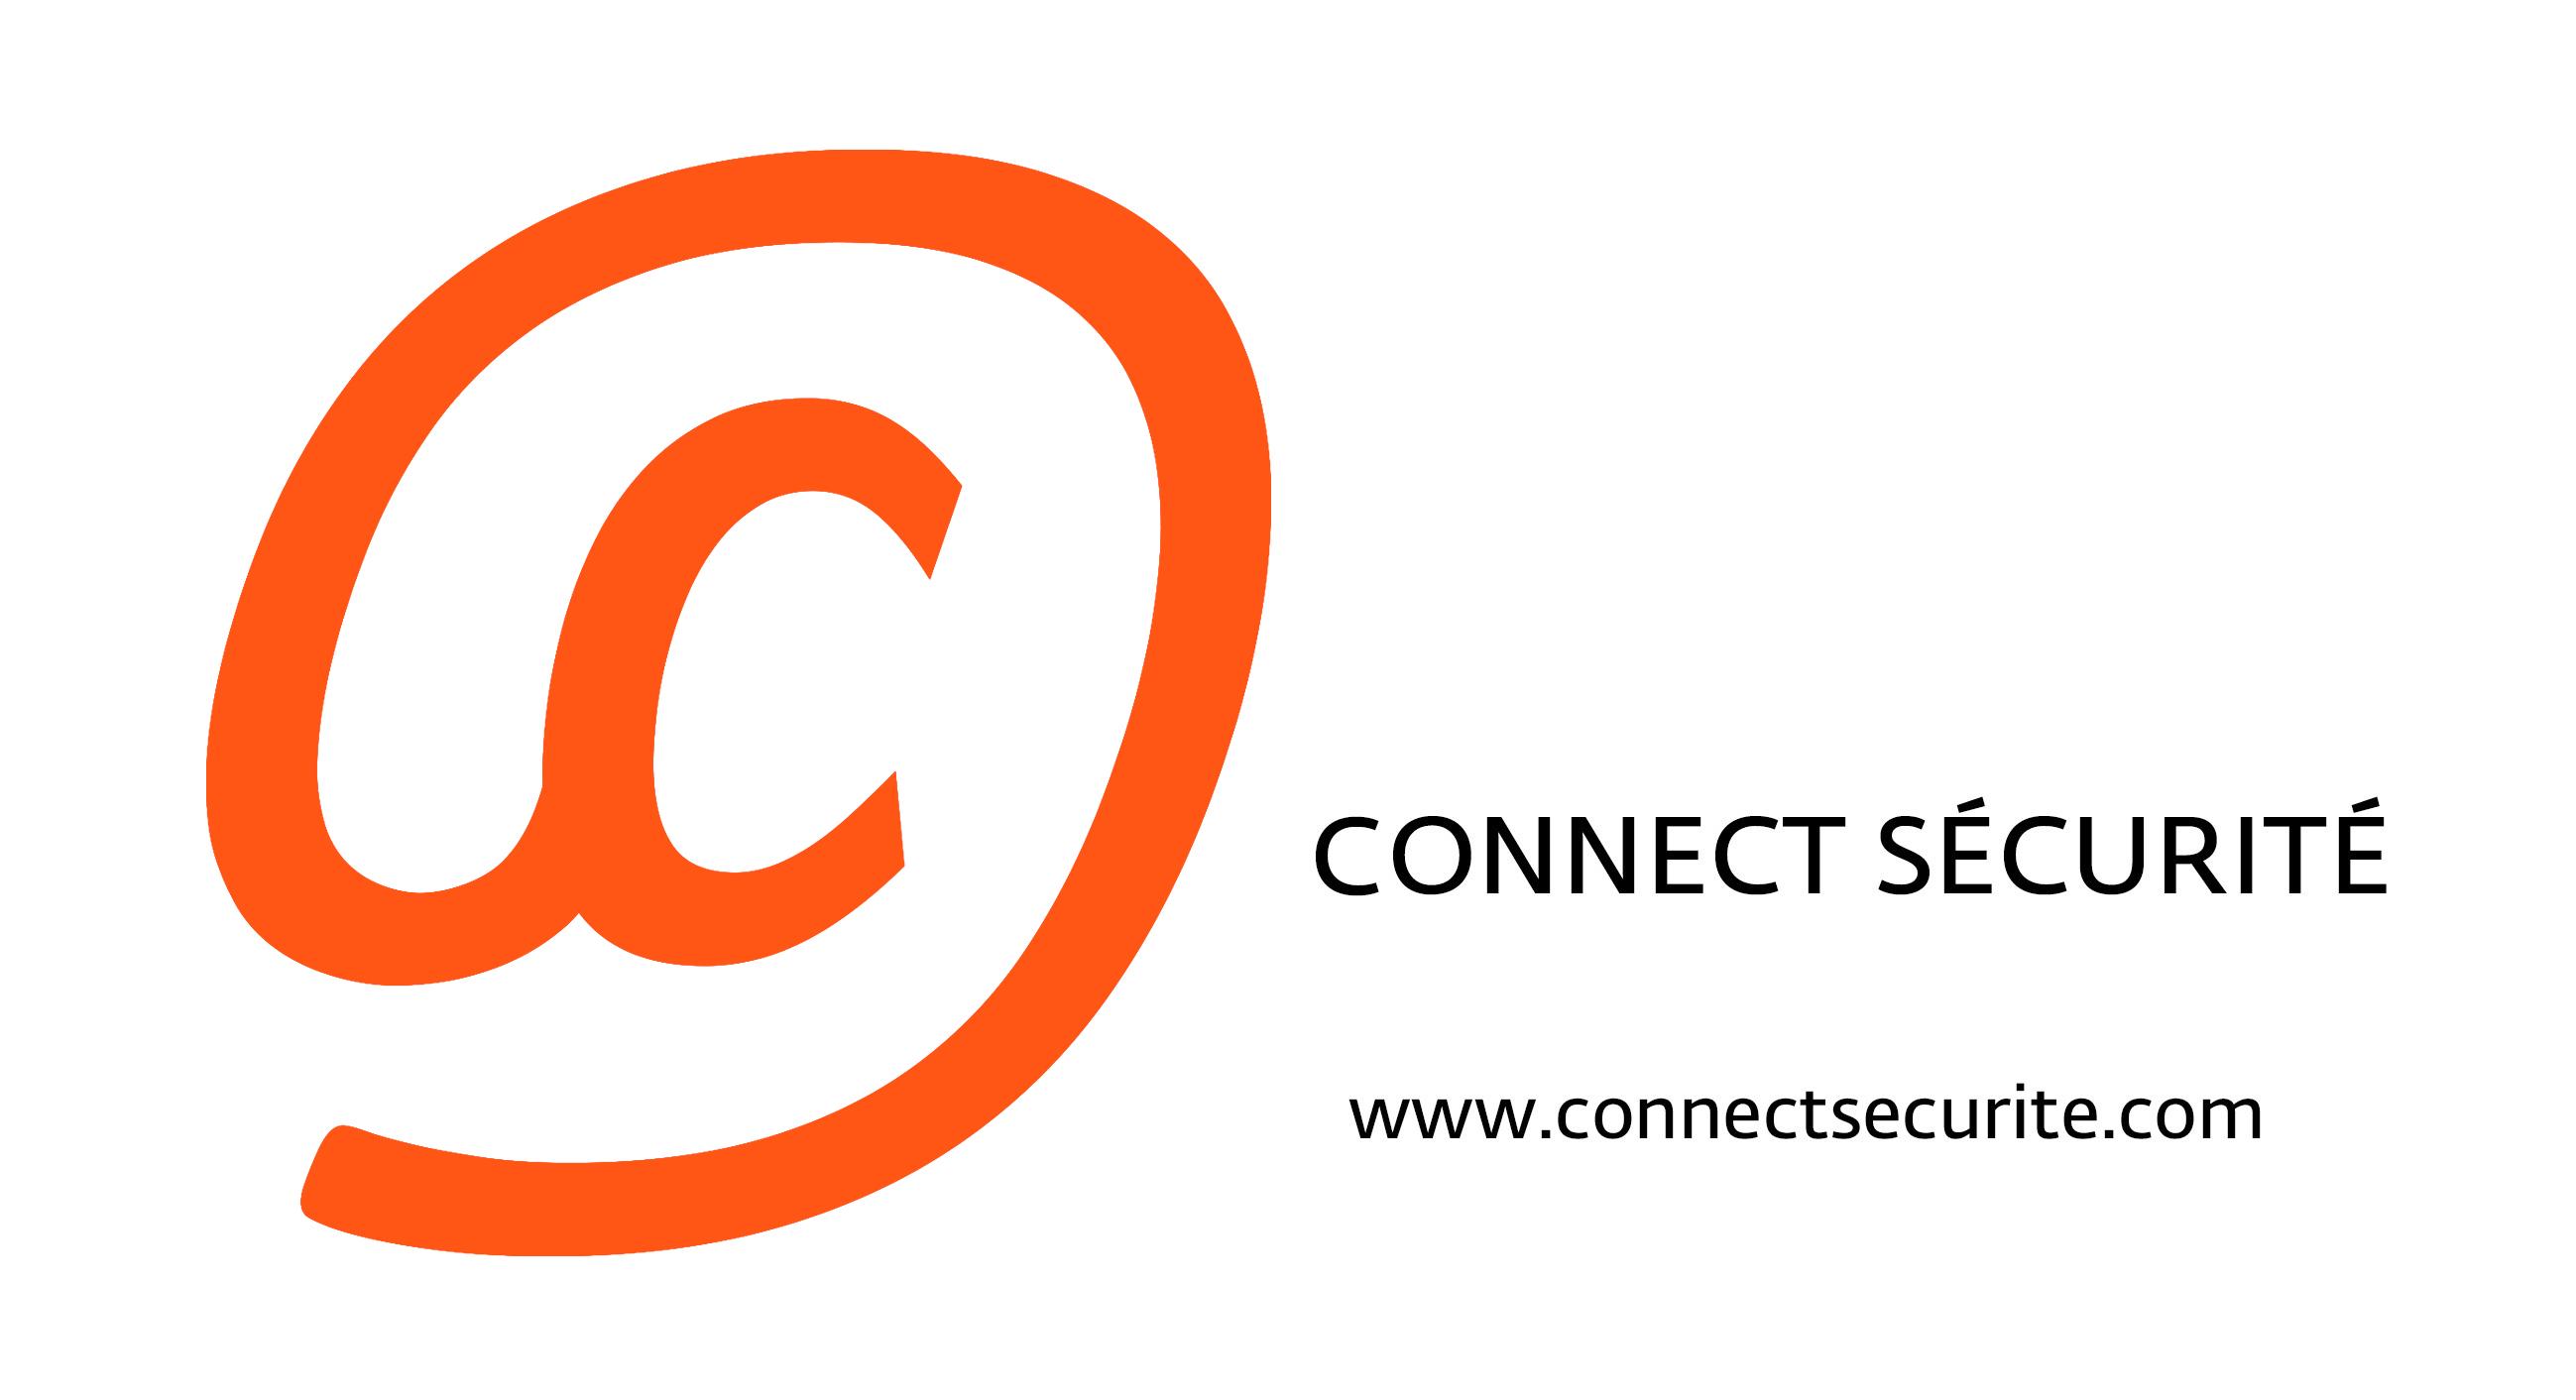 CONECTSECURITE--testfondblancbis-3-1476731115.jpg